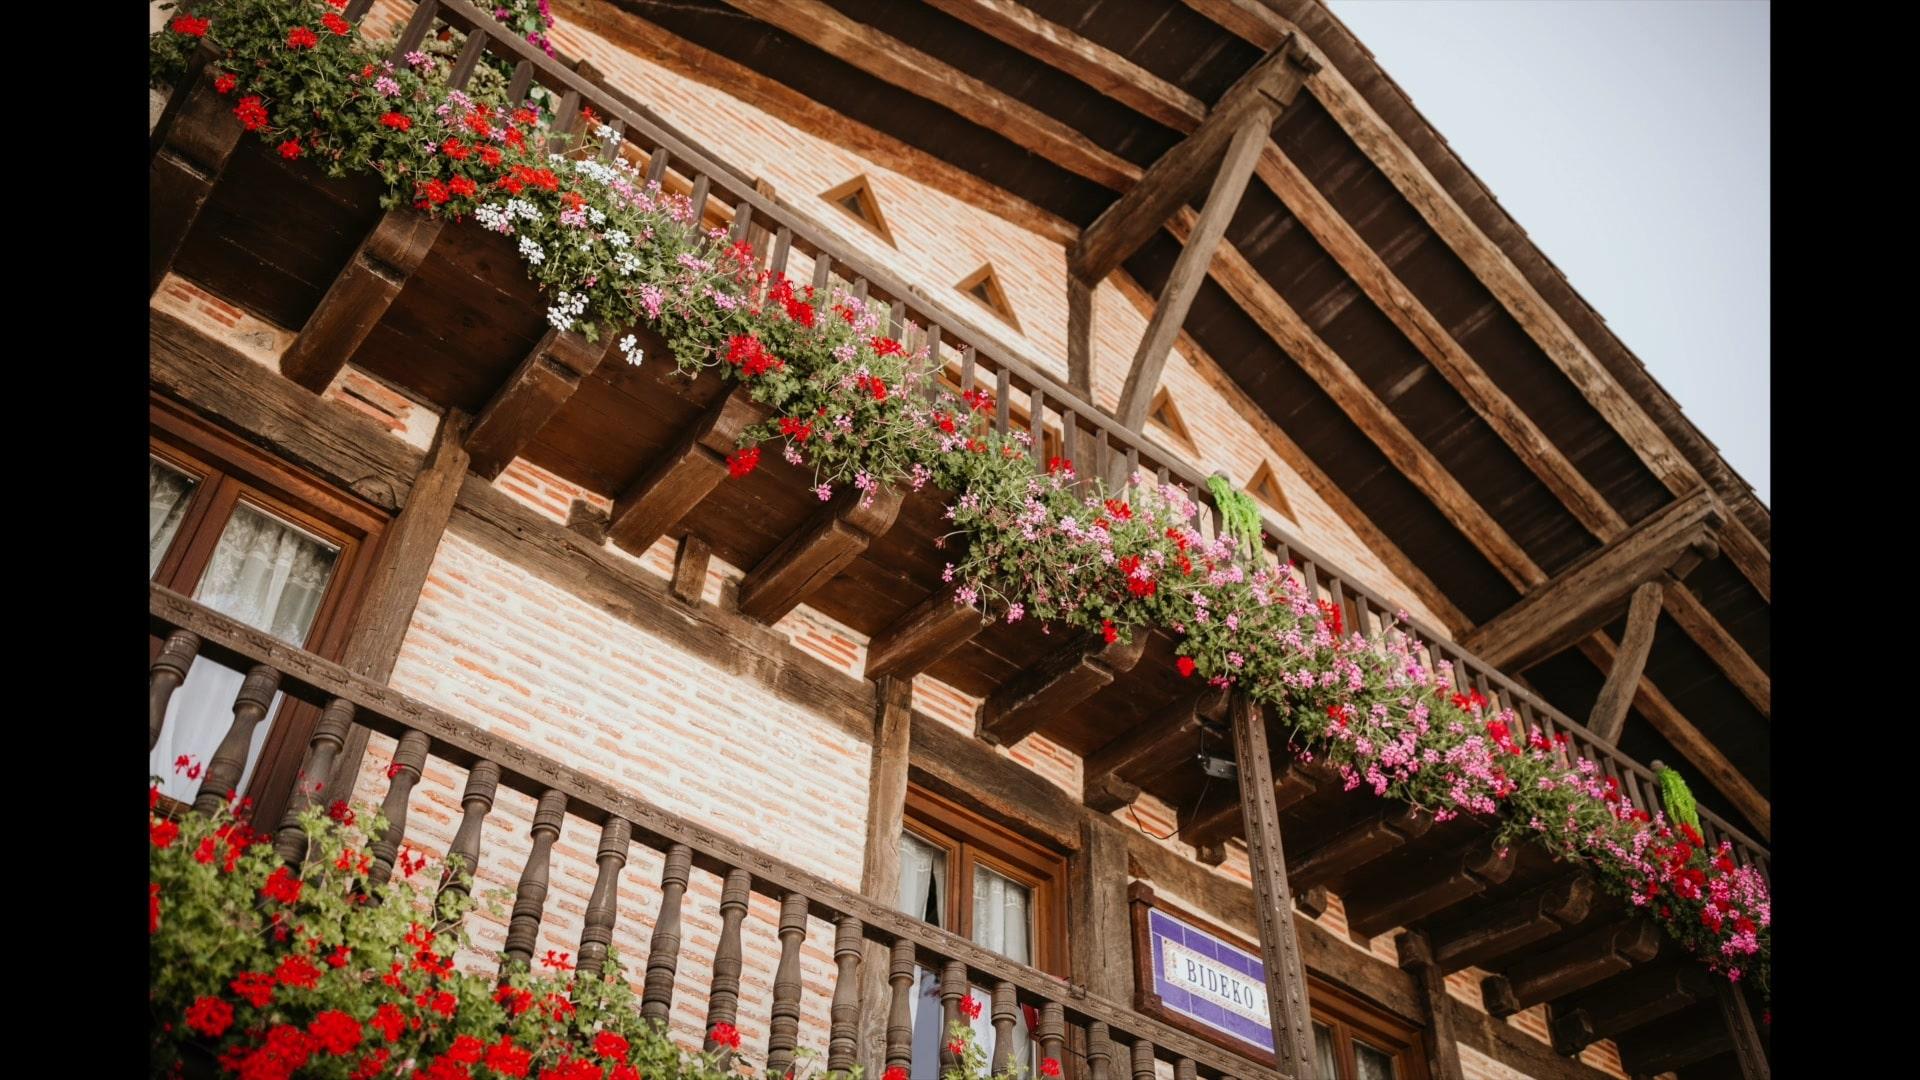 restaurante_bideko-exteriores-terraza-cocina_tradicional_vasca-restaurantes_vizcaya-restaurantes_alava-comer_en_euskadi-bideko-amurrio-lezama (39)